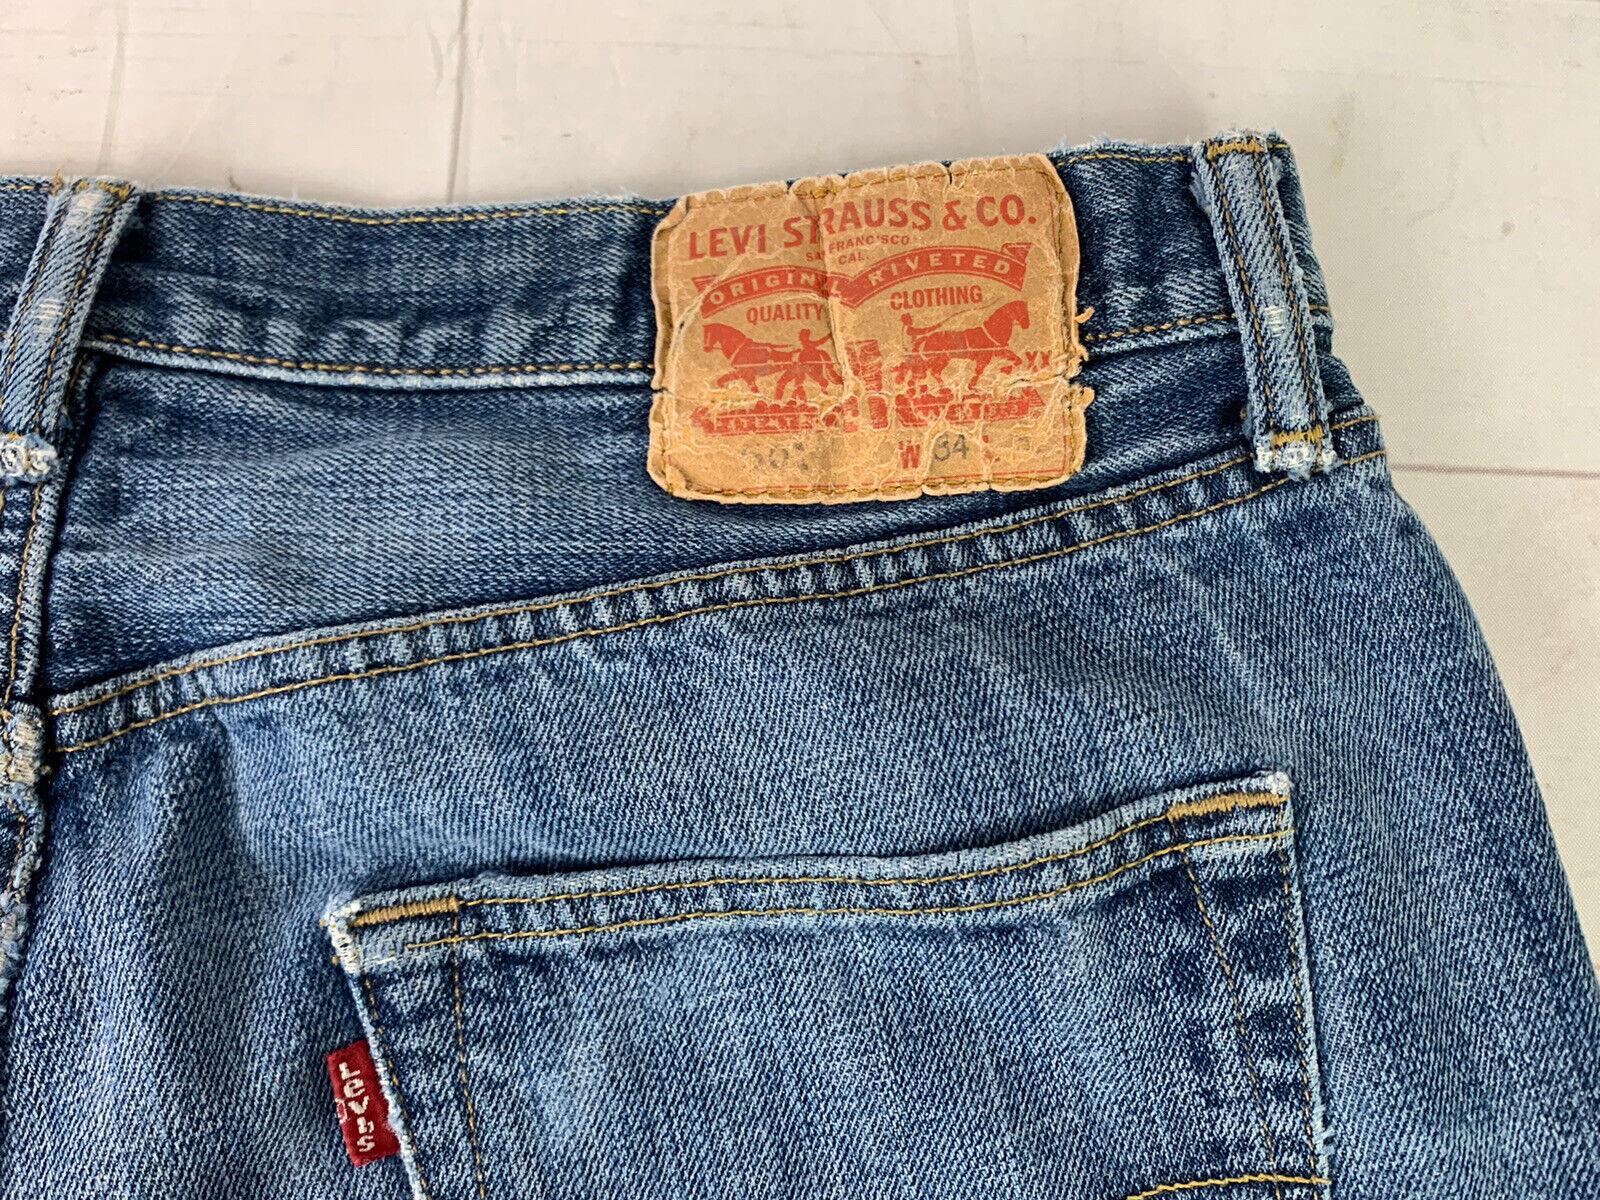 Jeans LEVIS 501 Label Size 34x32 Distressed Blue … - image 3